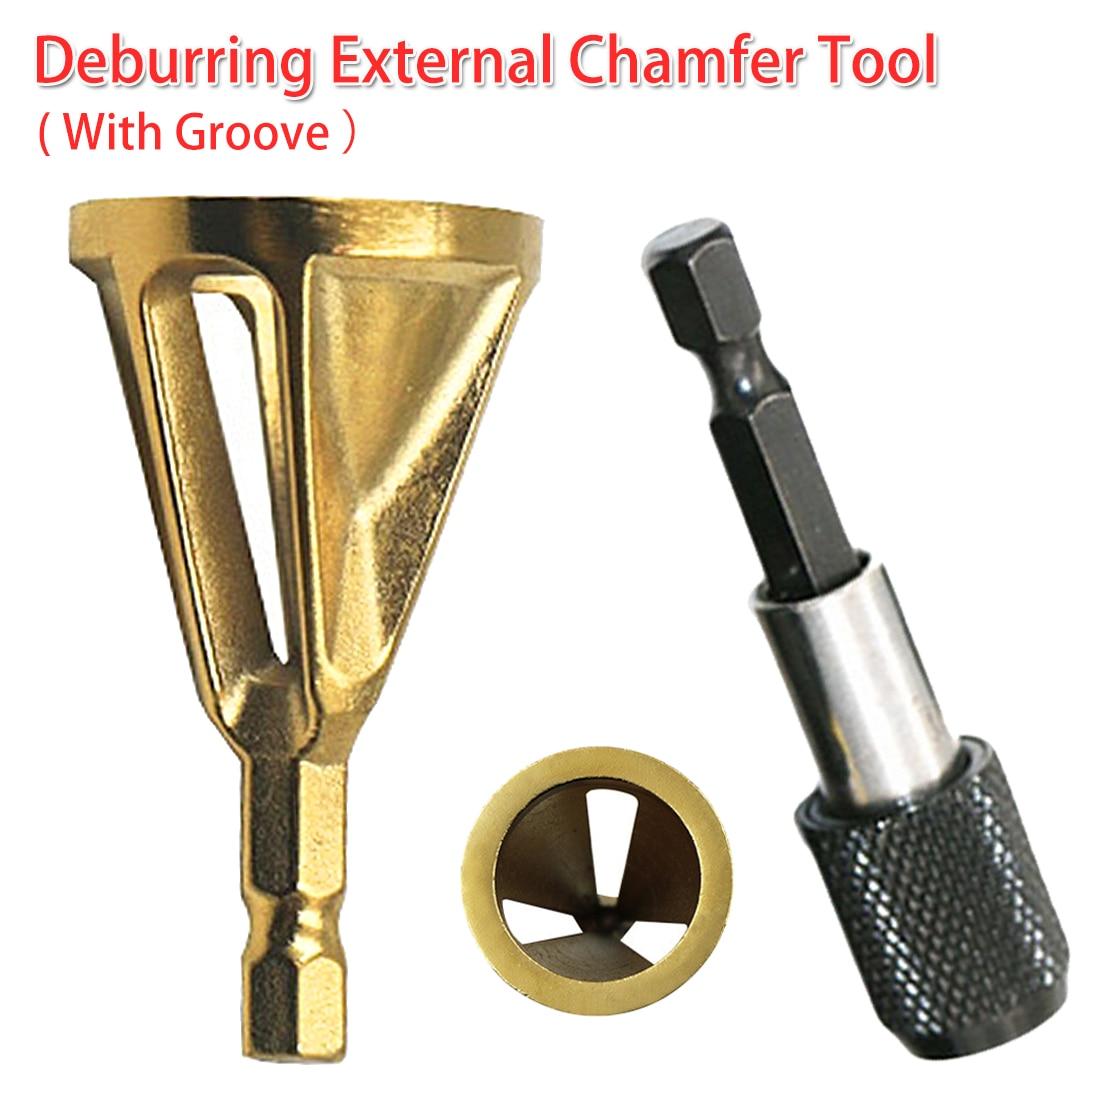 Deburring External Chamfer Tool Drill Bit 4-19mm Work Range Stainless Steel Remove Burr 1/4 Shank For Copper/ Wood/ Plastic